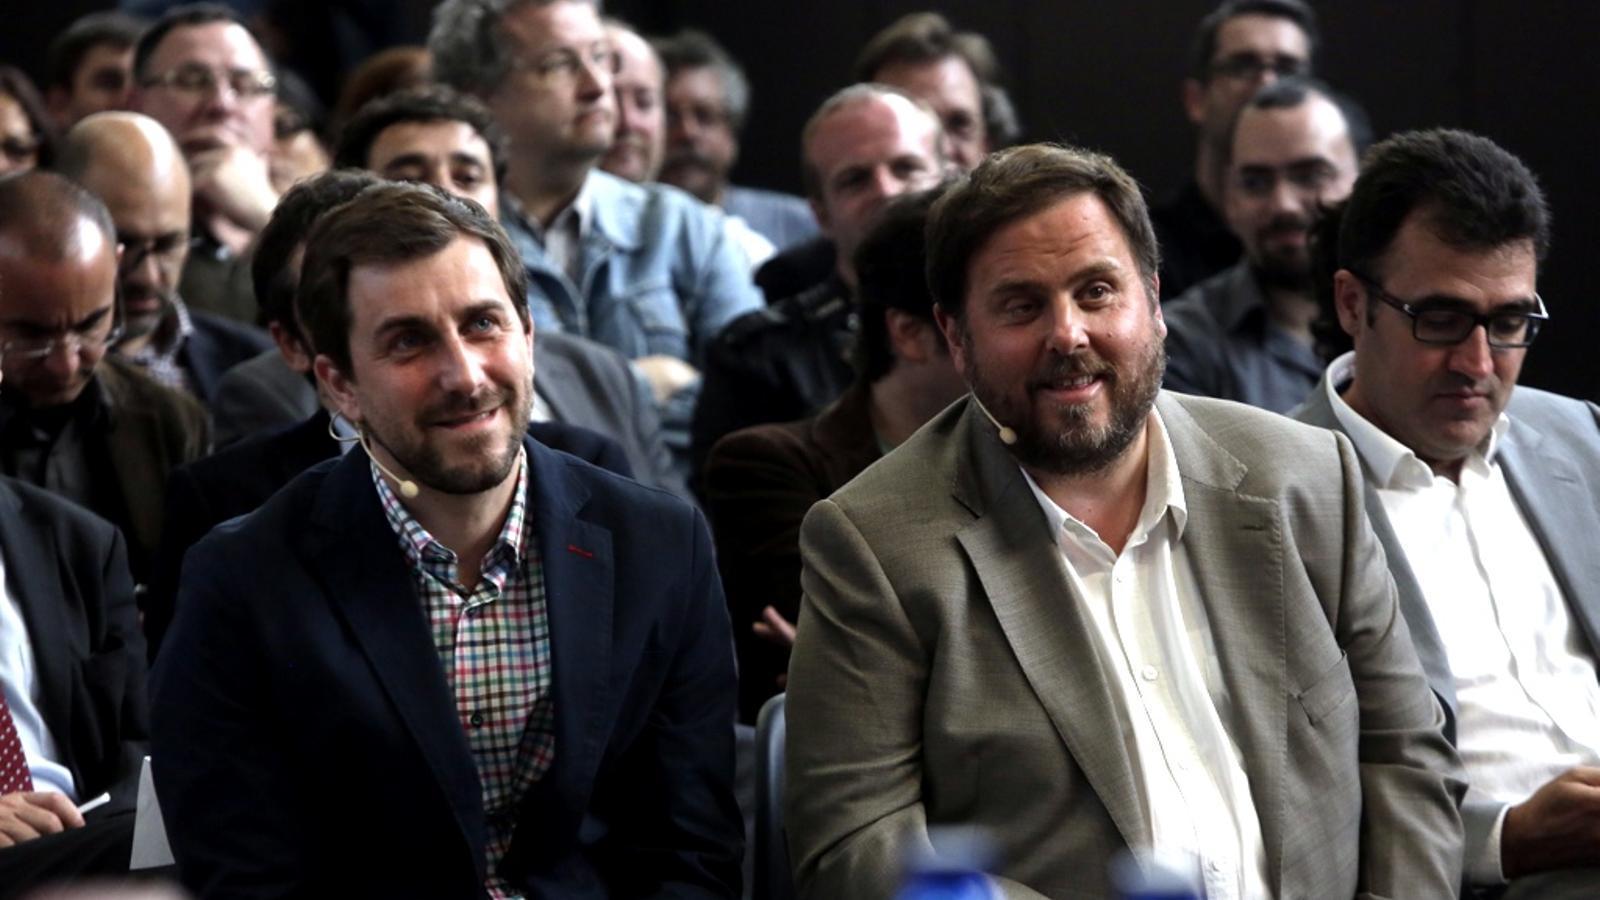 Puigdemont participarà al debat de TV3 si Junqueras pot fer-ho